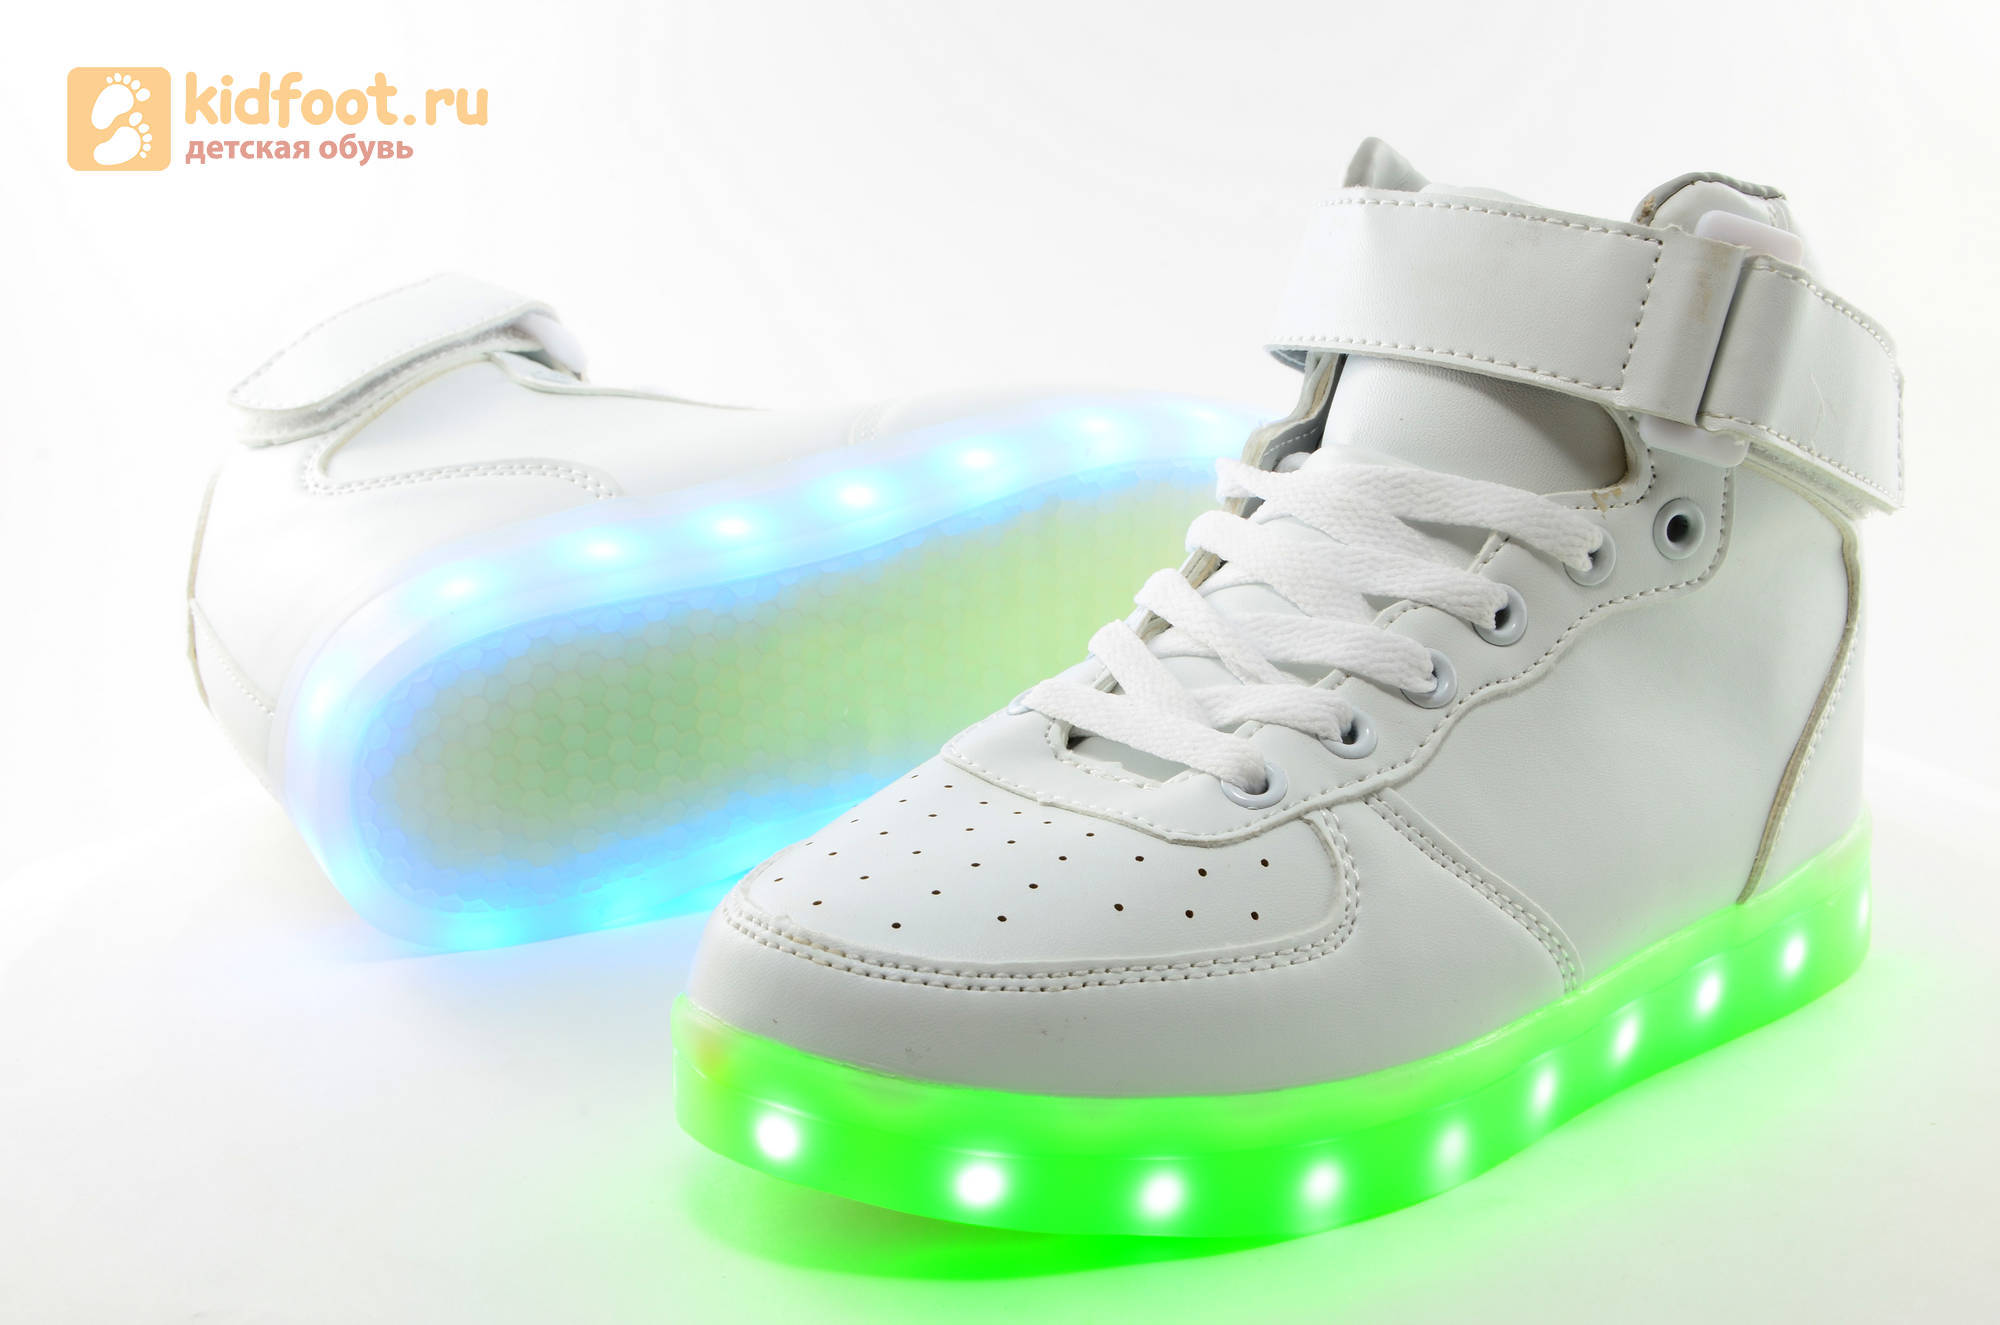 Светящиеся высокие кроссовки с USB зарядкой Fashion (Фэшн) на шнурках и липучках, цвет белый, светится вся подошва